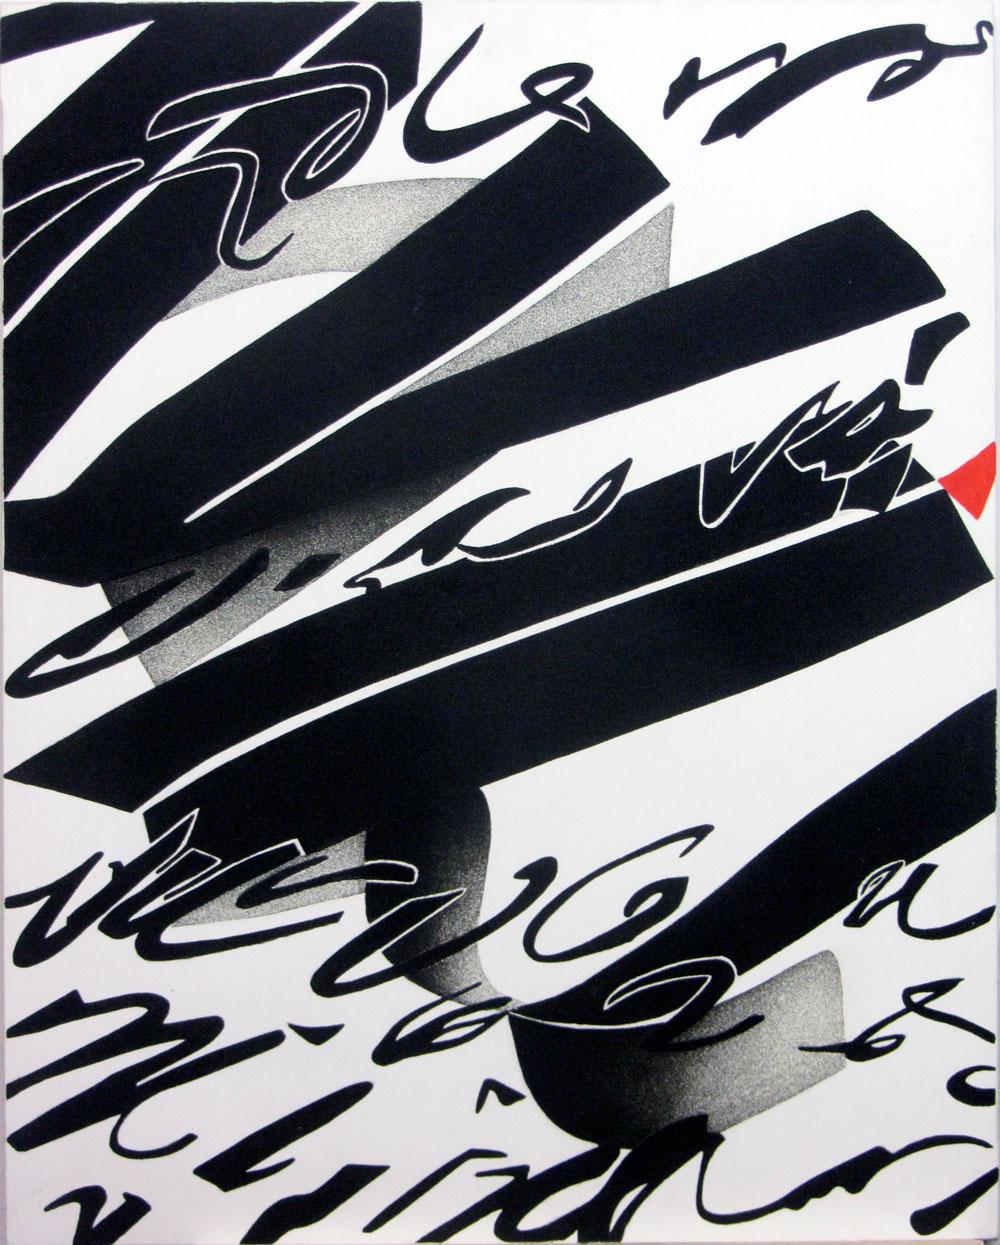 Invasione, 1993, cm 100 x 80, Acrilico e sabbia su tela